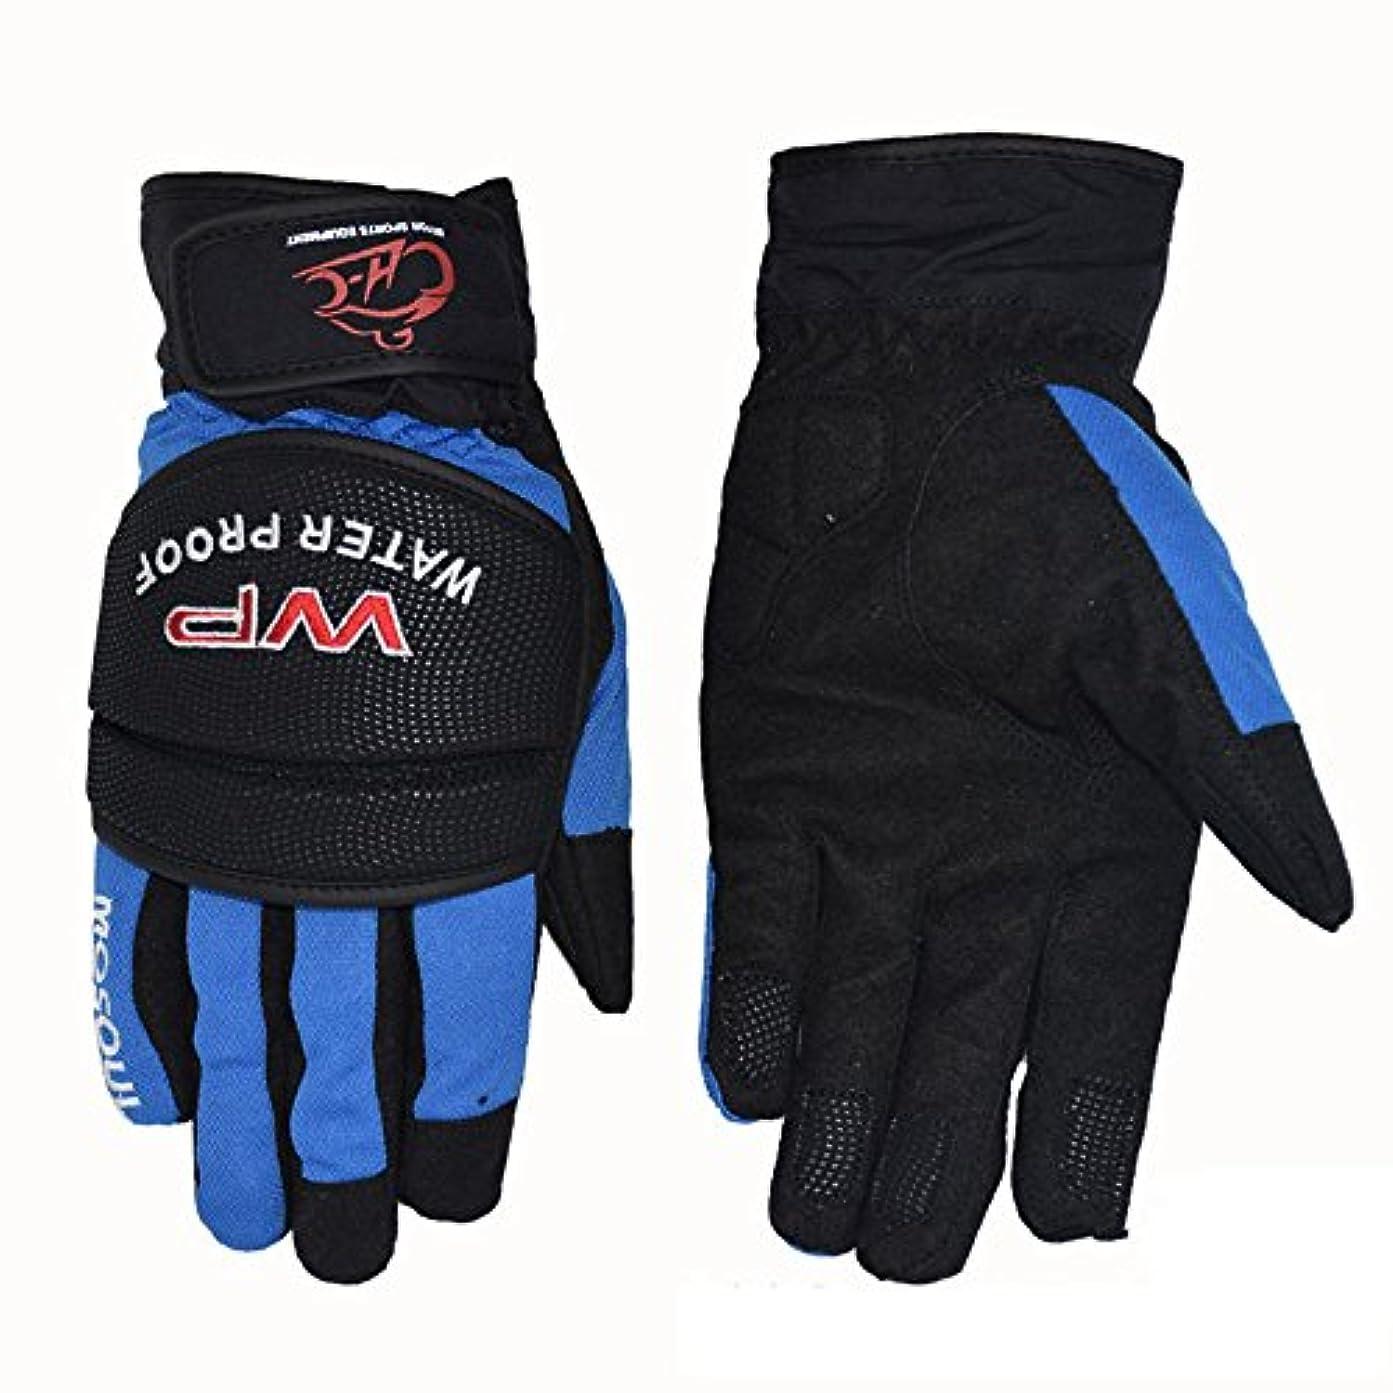 辛なズボン地図快適 保護バイク用手袋 自転車 マウンテンバイク 男性手袋 に適用する バイク 自転車 レーシング (色 : 青, サイズ : XL)